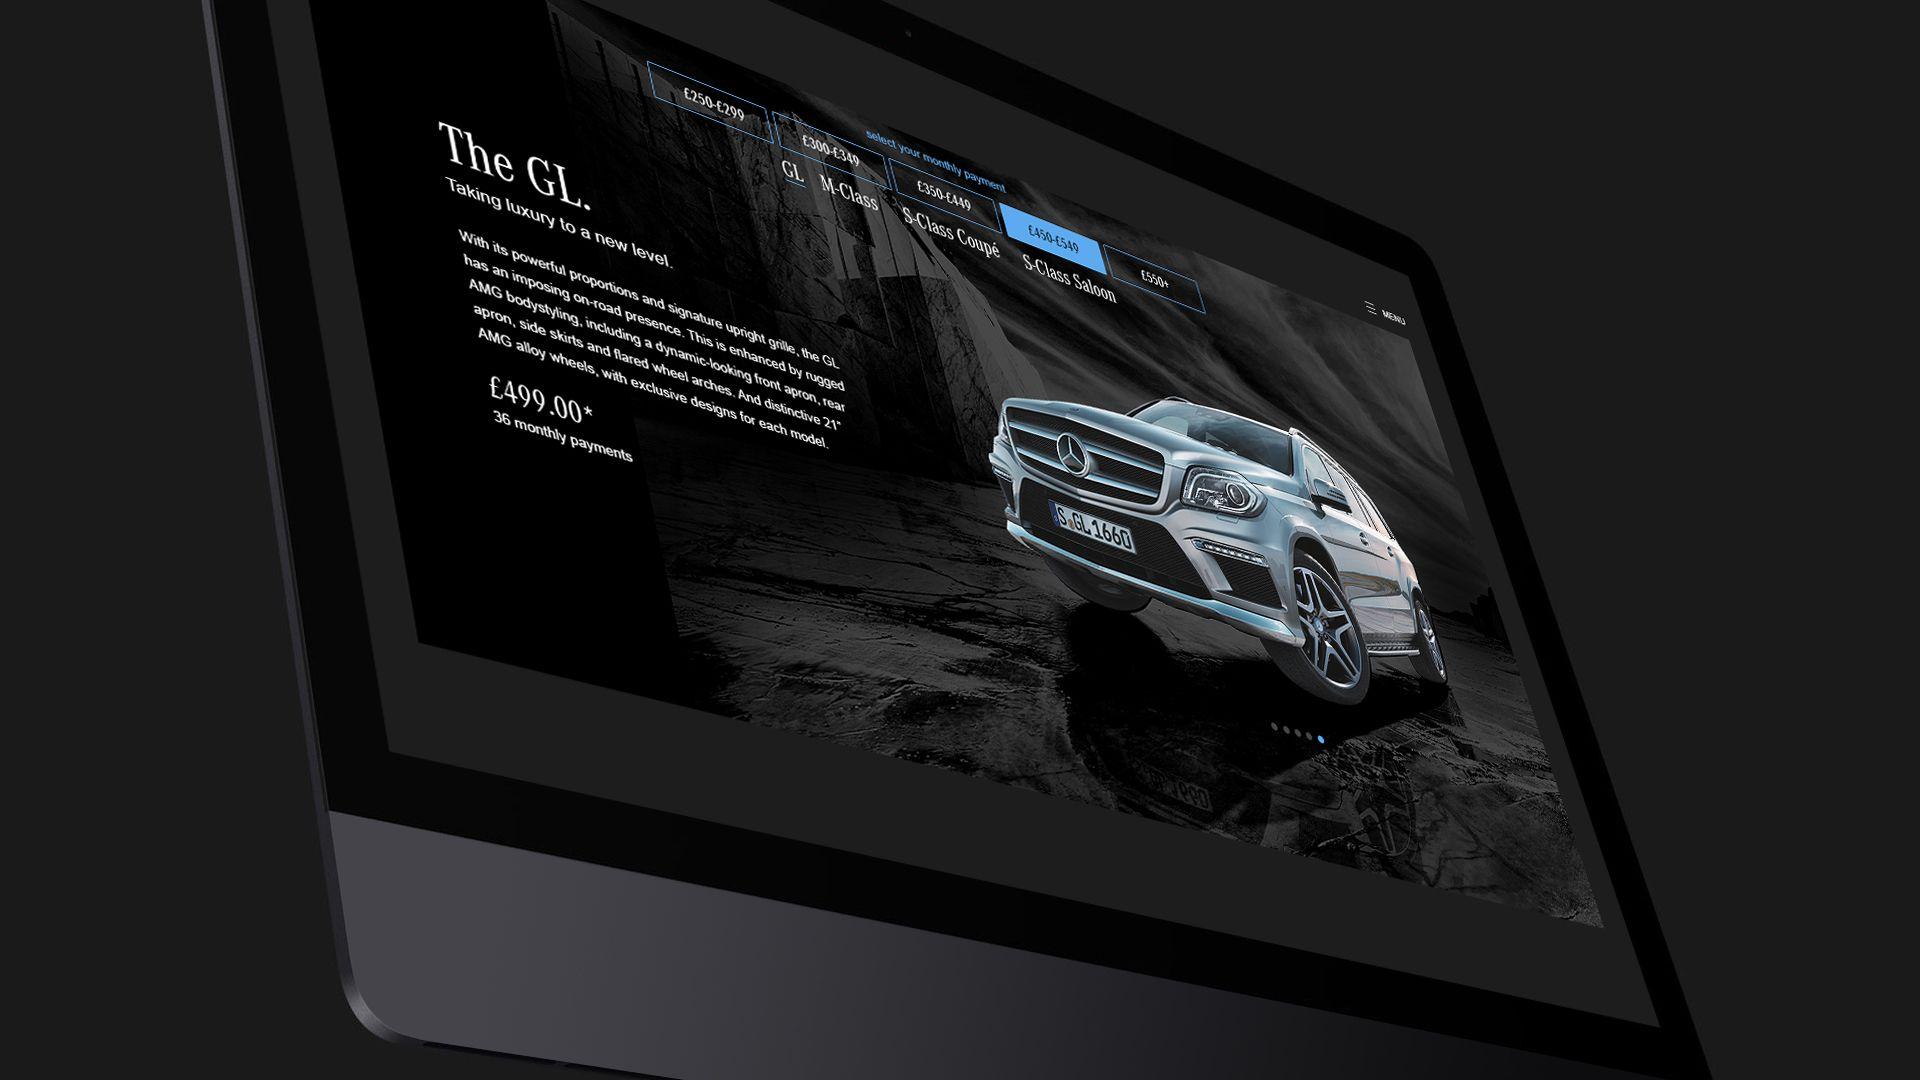 Mercedes Benz landing page design desktop mockup